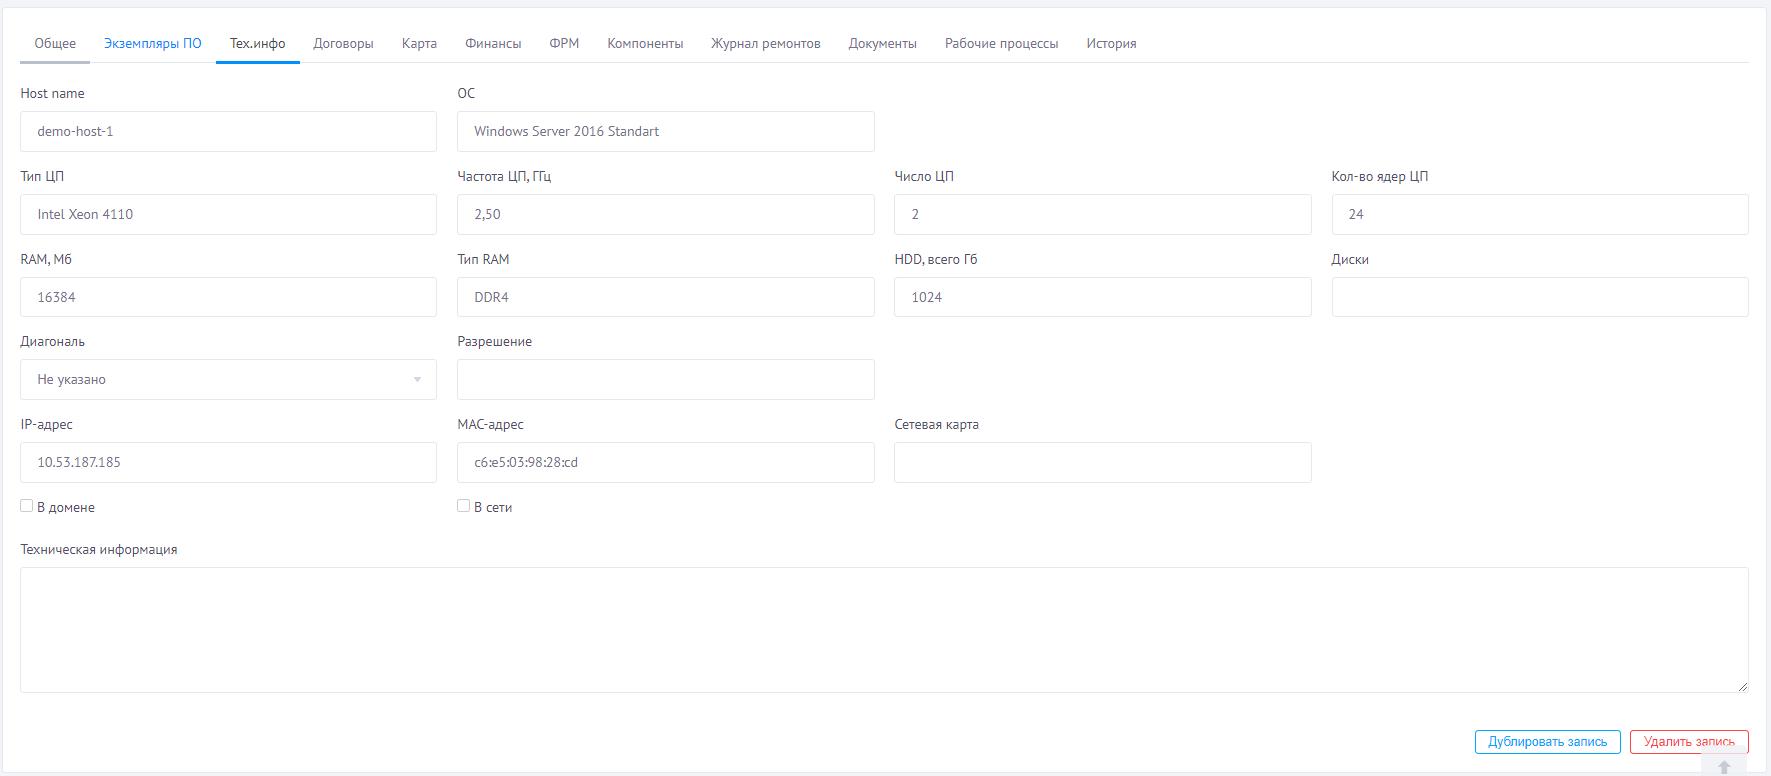 Интерактивный блок с технической информацией об ИТ-активе